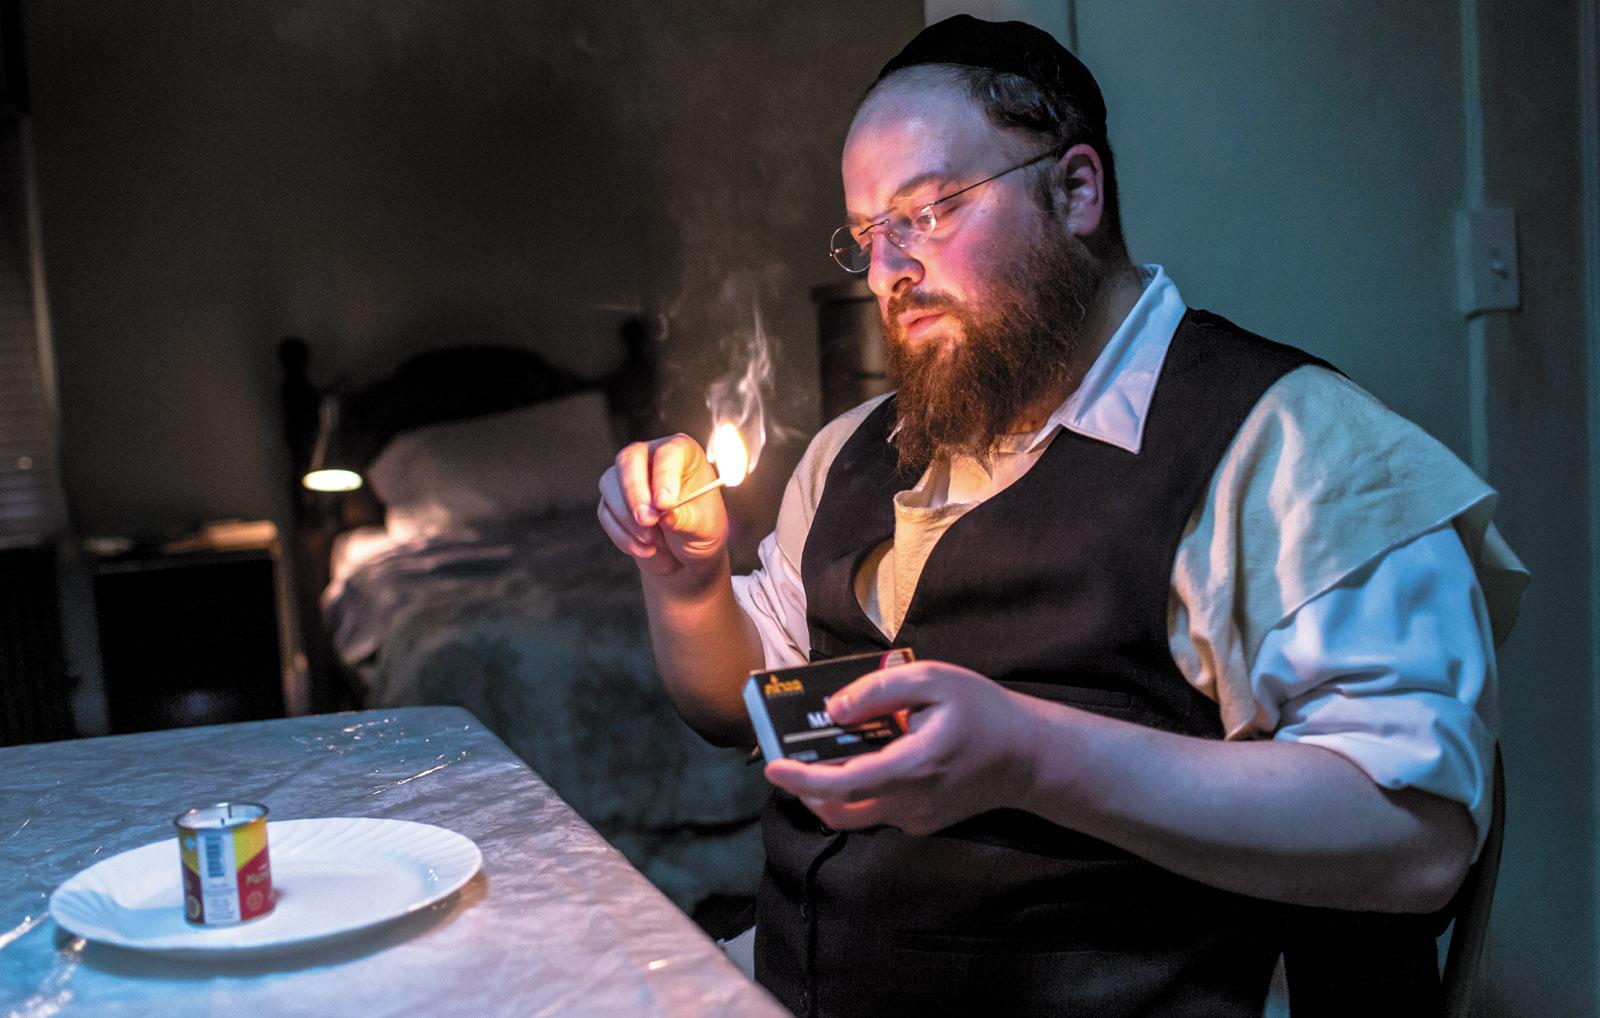 Menashe Lustig in Joshua Z. Weinstein's film Menashe